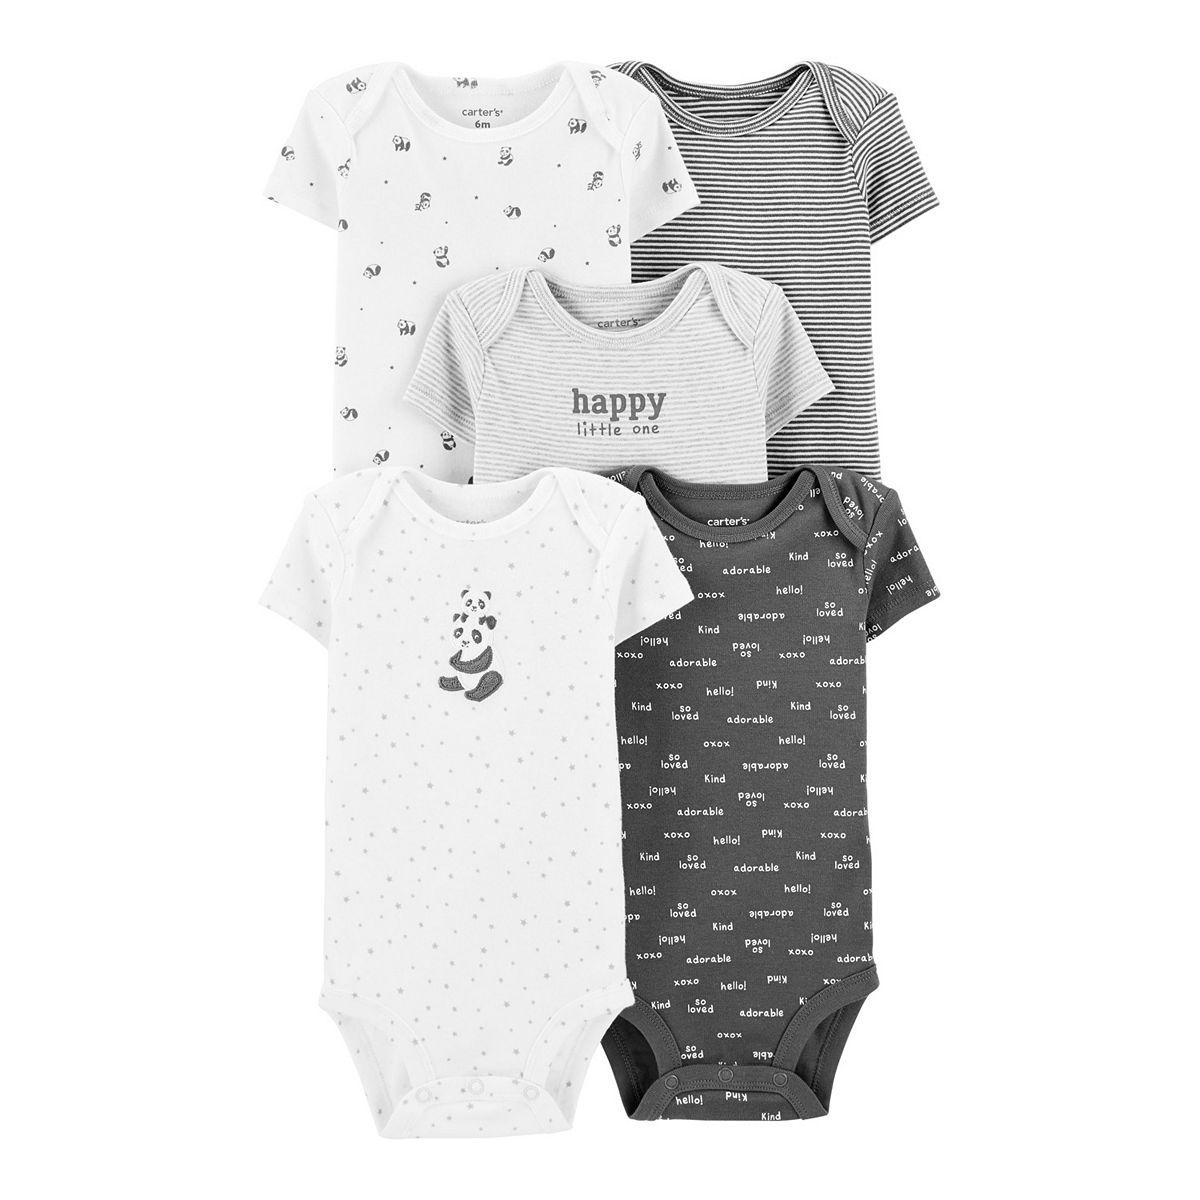 Baby Carter's Bodysuits